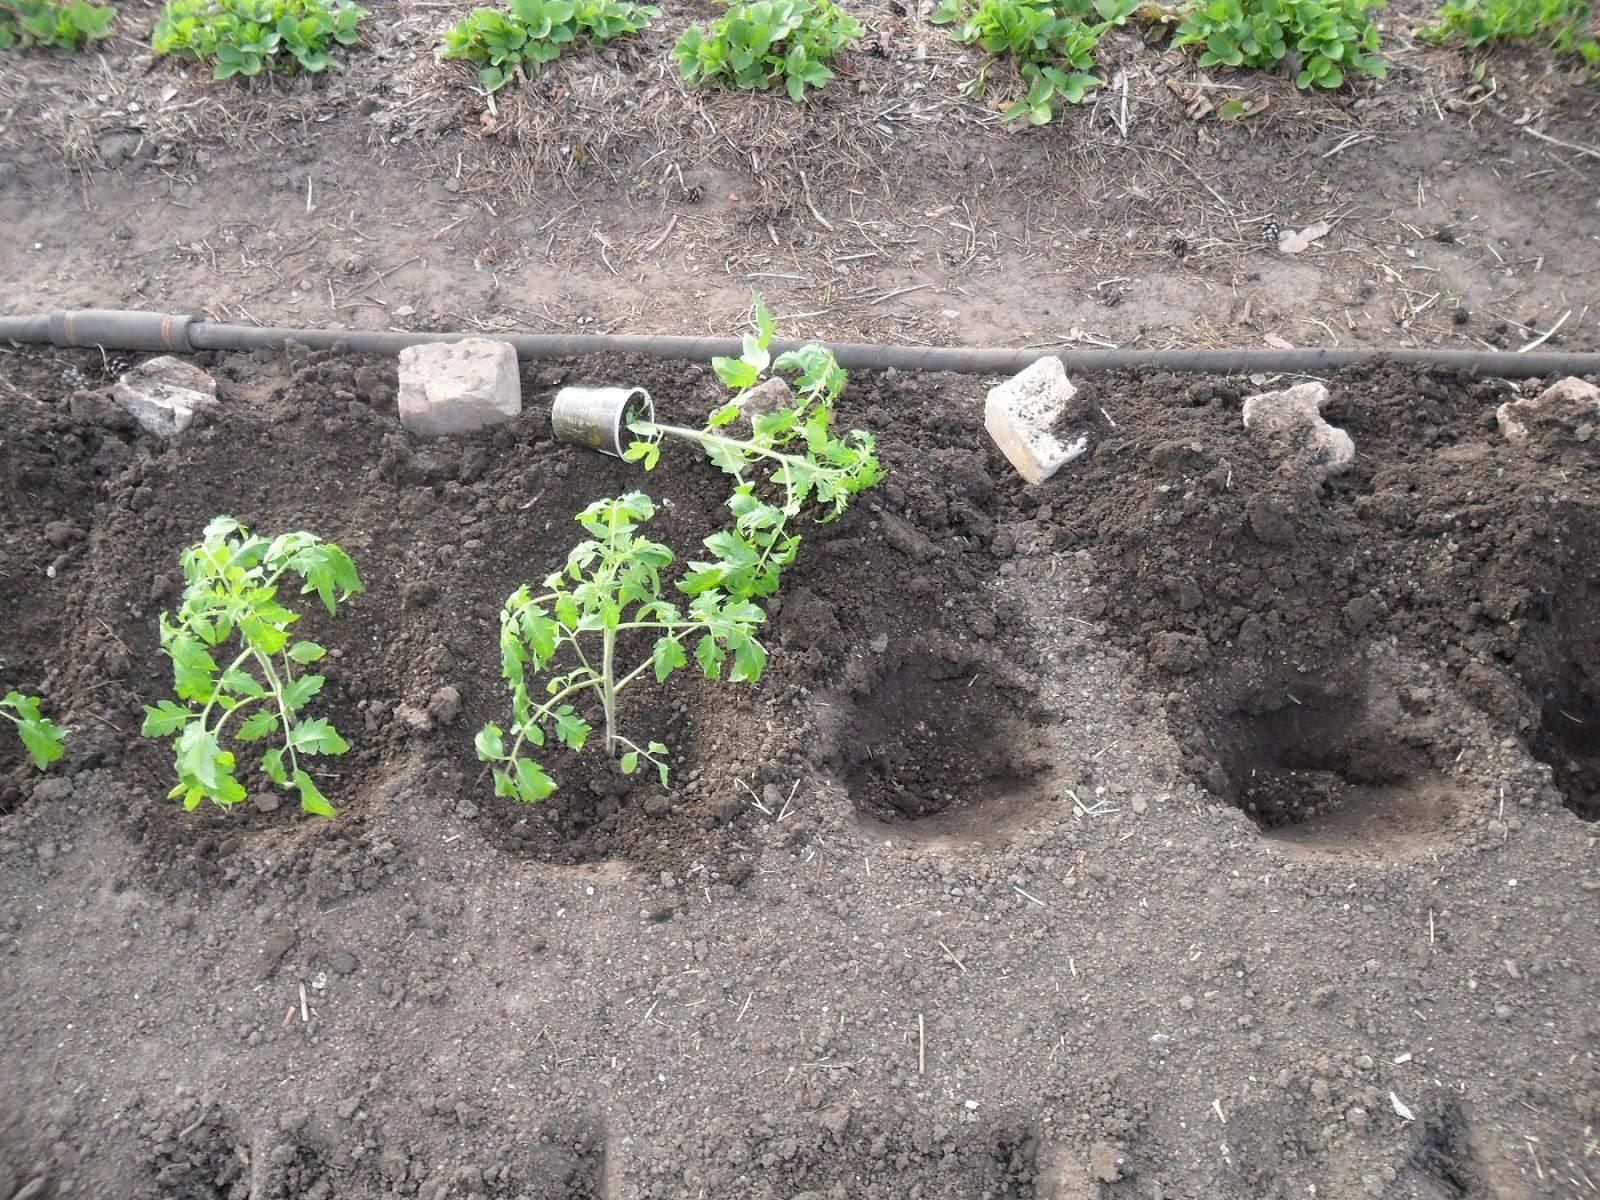 Схемы посадки томатов в теплице, включая уплотненную (загущенную), нюансы для индетерминантных сортов помидоров, описание, на каком расстоянии должны быть кусты русский фермер